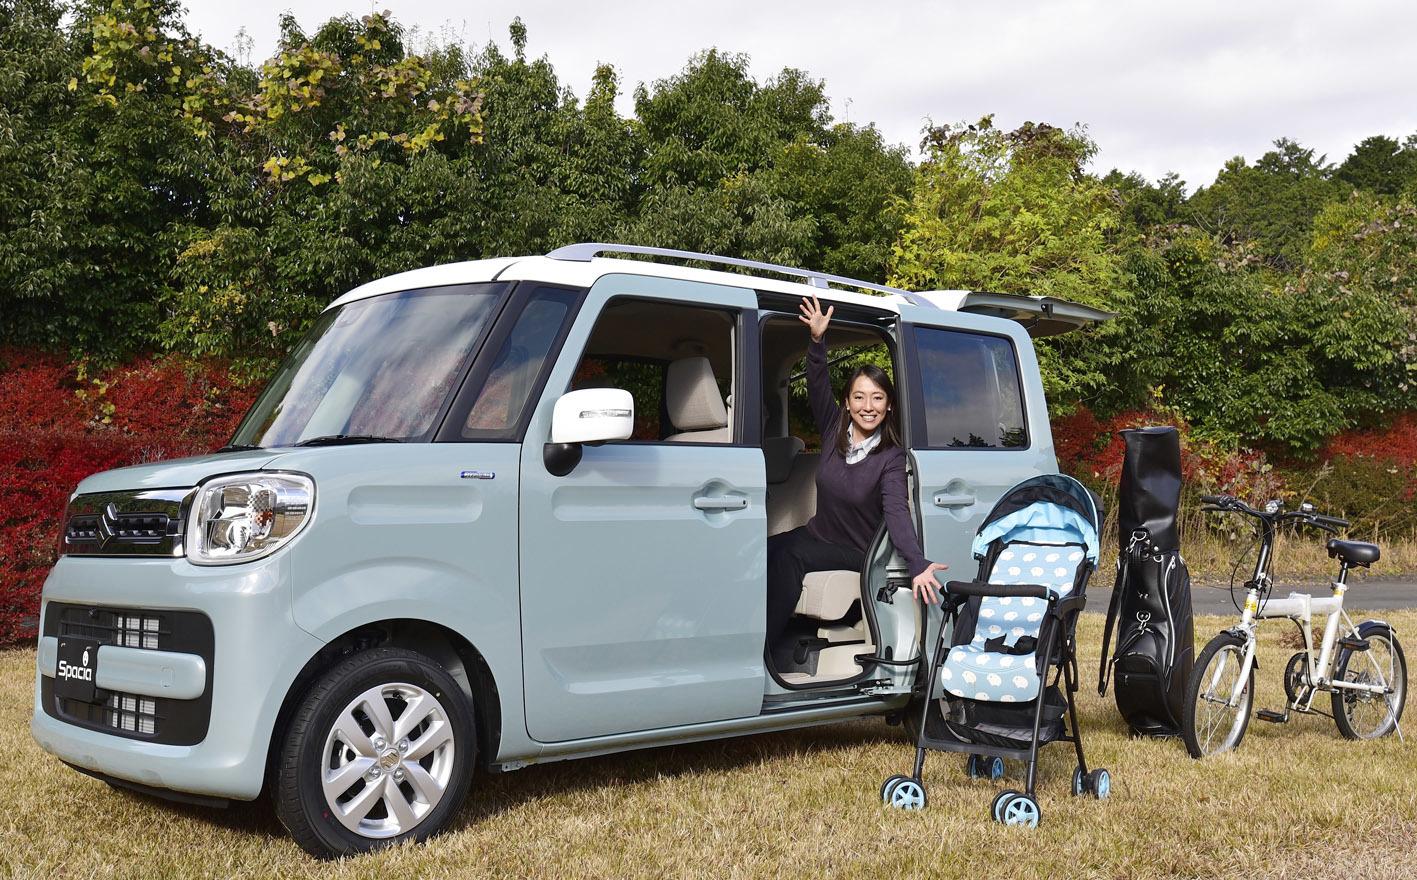 乗り込みやすく、積み込みやすく、運転しやすく、安い!